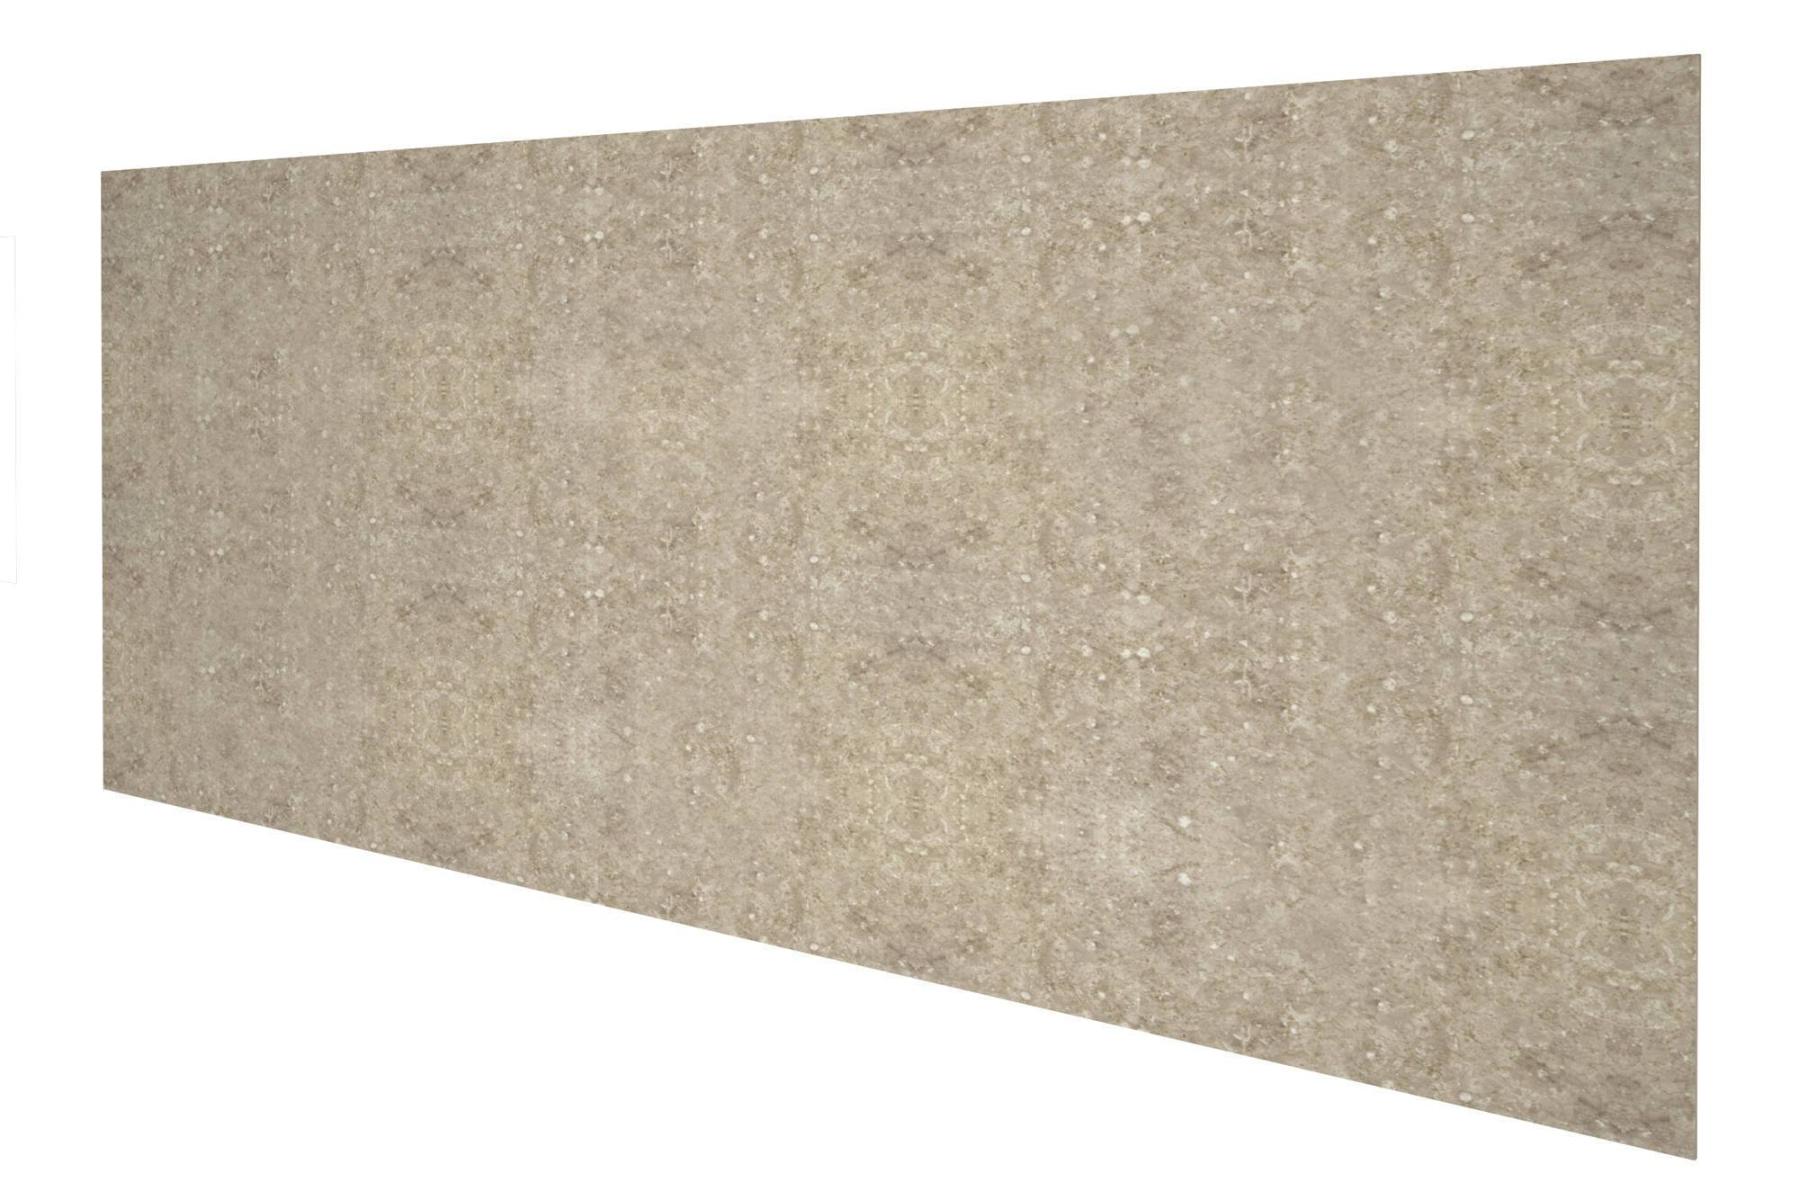 Стеновая панель 305*60 Лигурия 807М